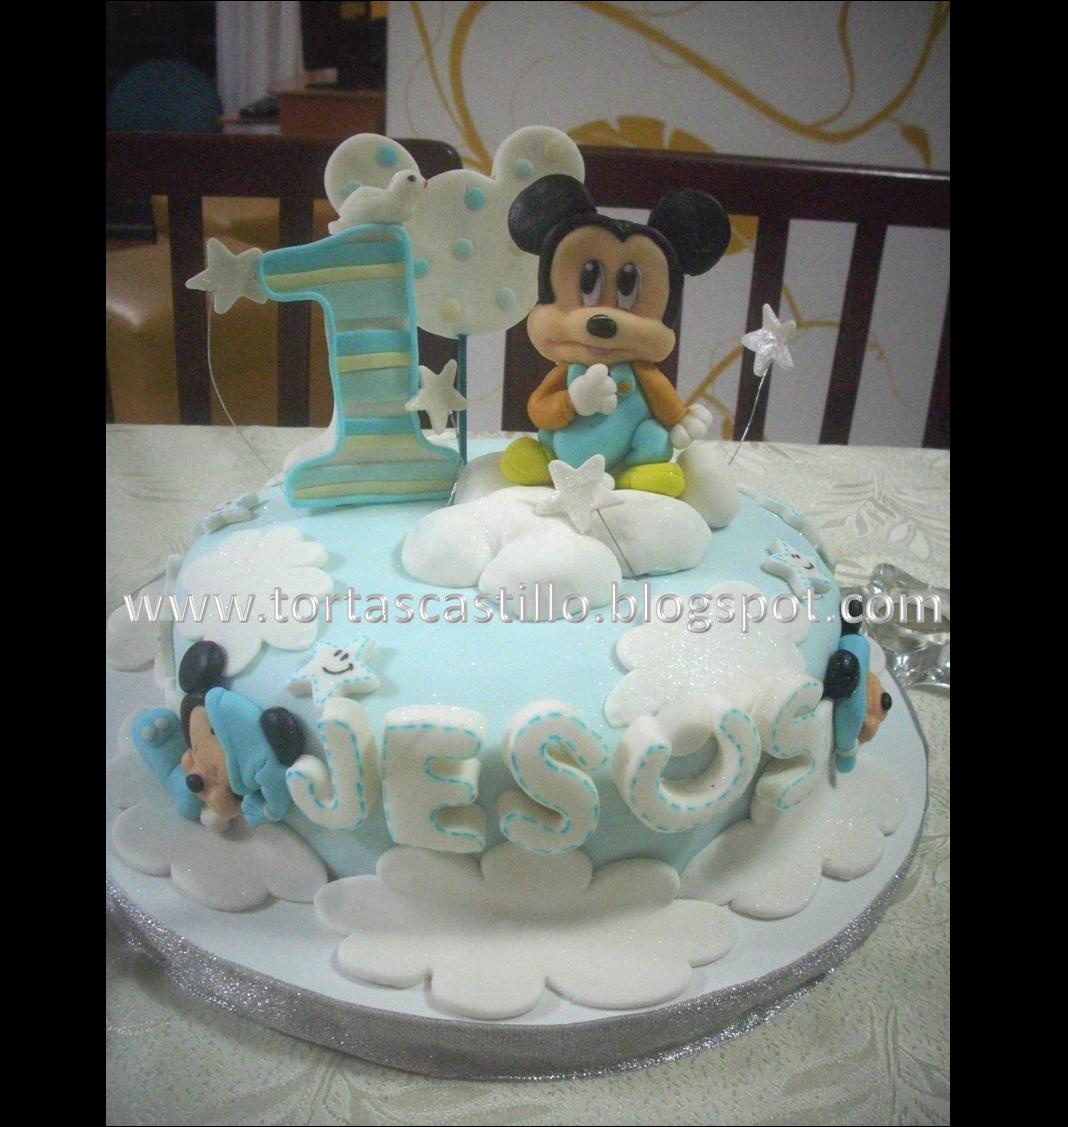 Decoraciones para baby shower nino pictures kamistad - Decoracion para baby shower nino ...